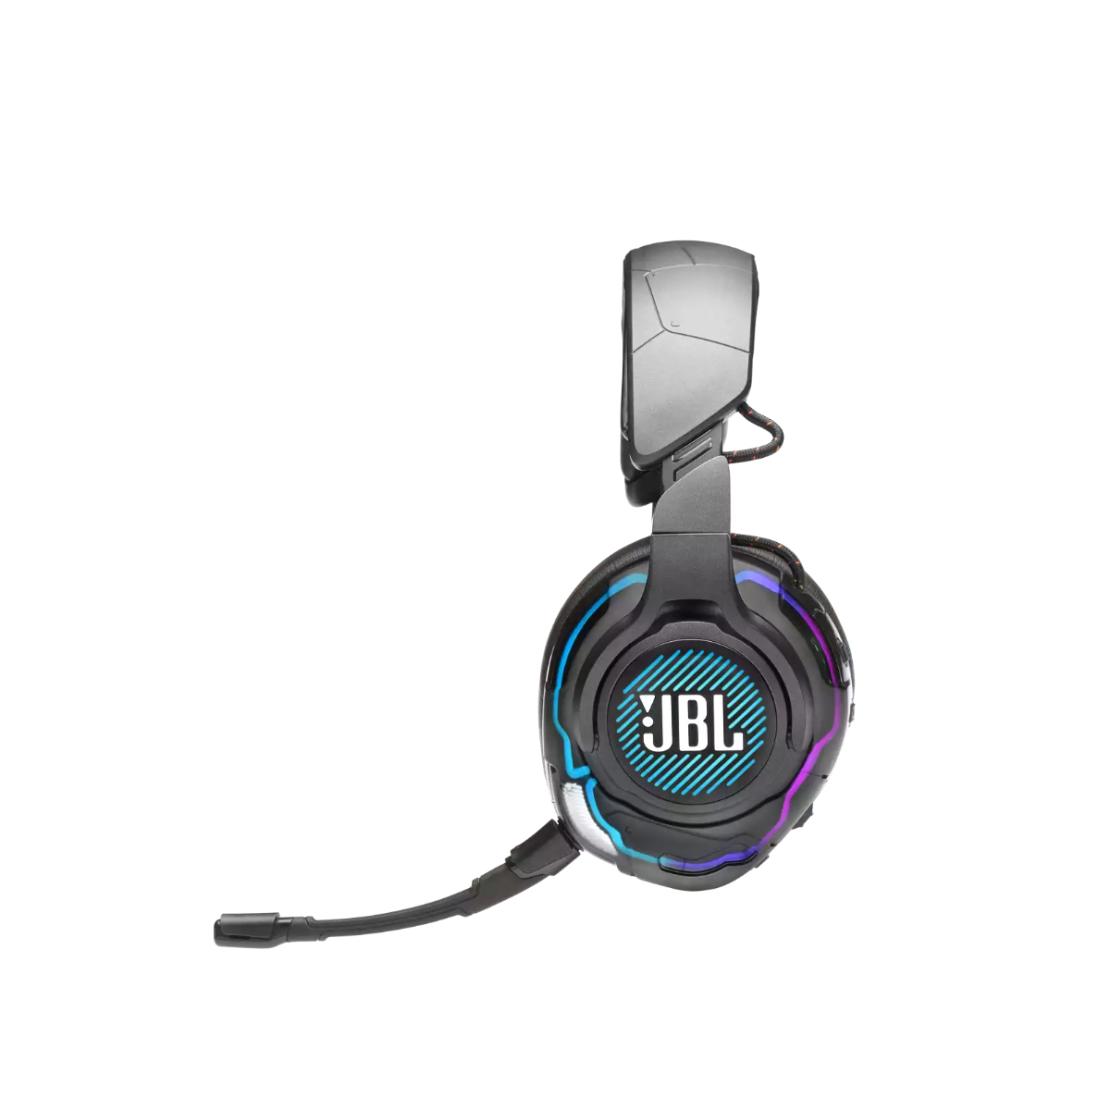 JBL Quantum ONE אוזניות גיימינג